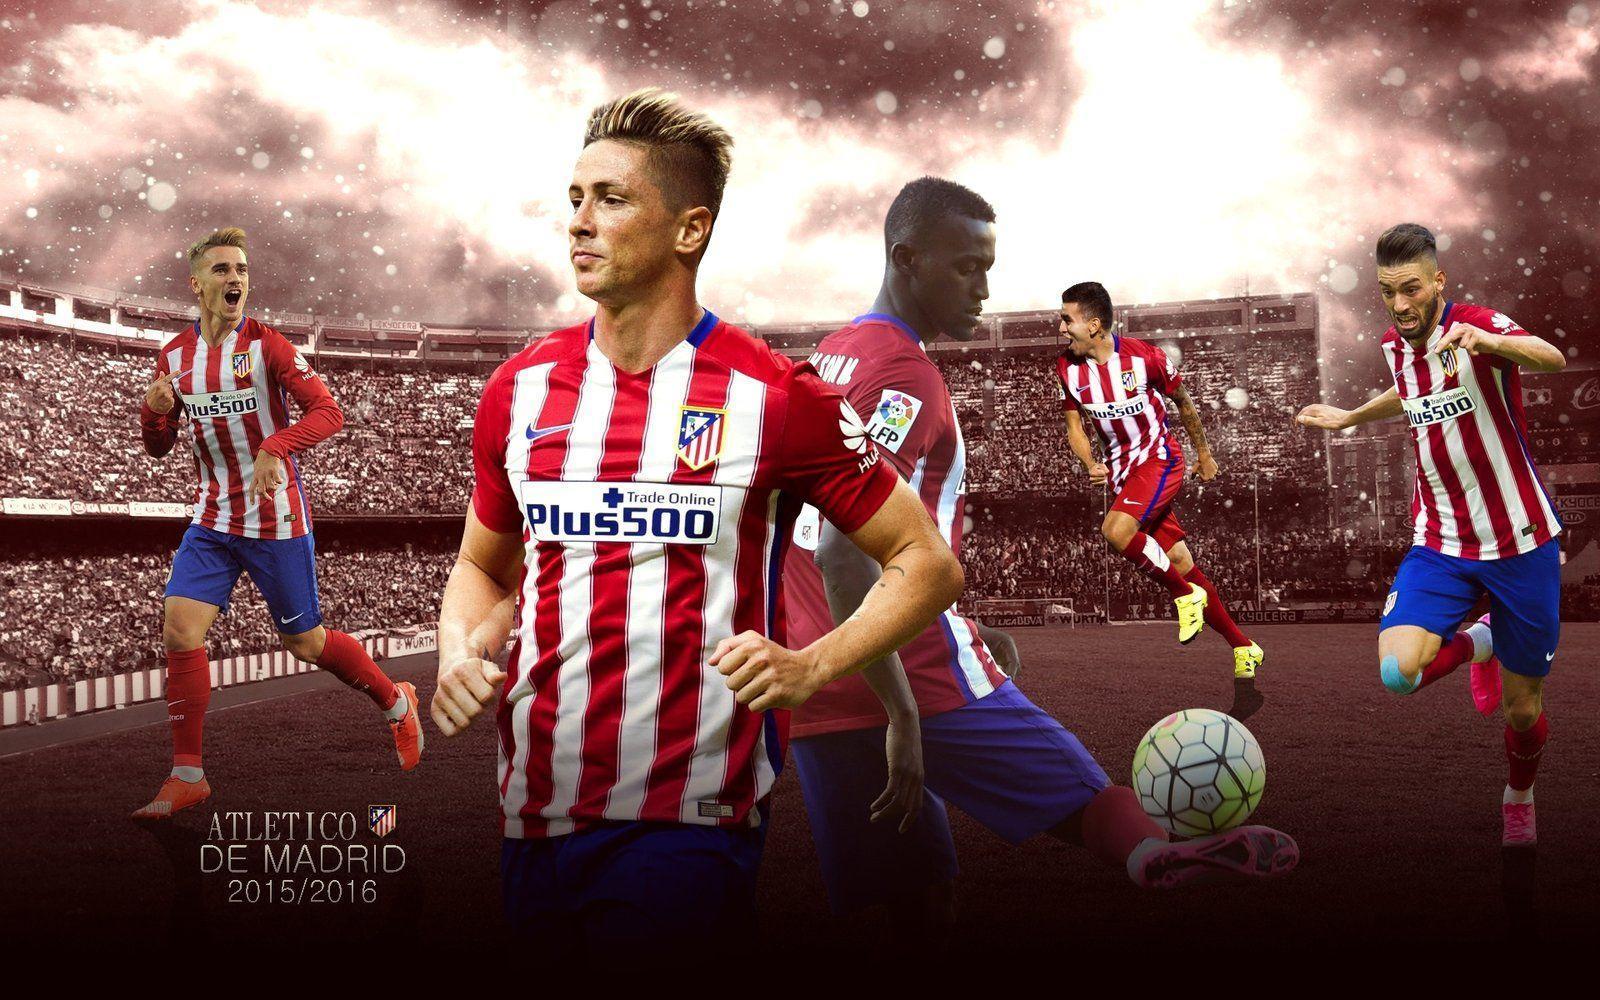 Atletico Madrid Wallpaper 2015-16 by ChrisRamos4 on DeviantArt